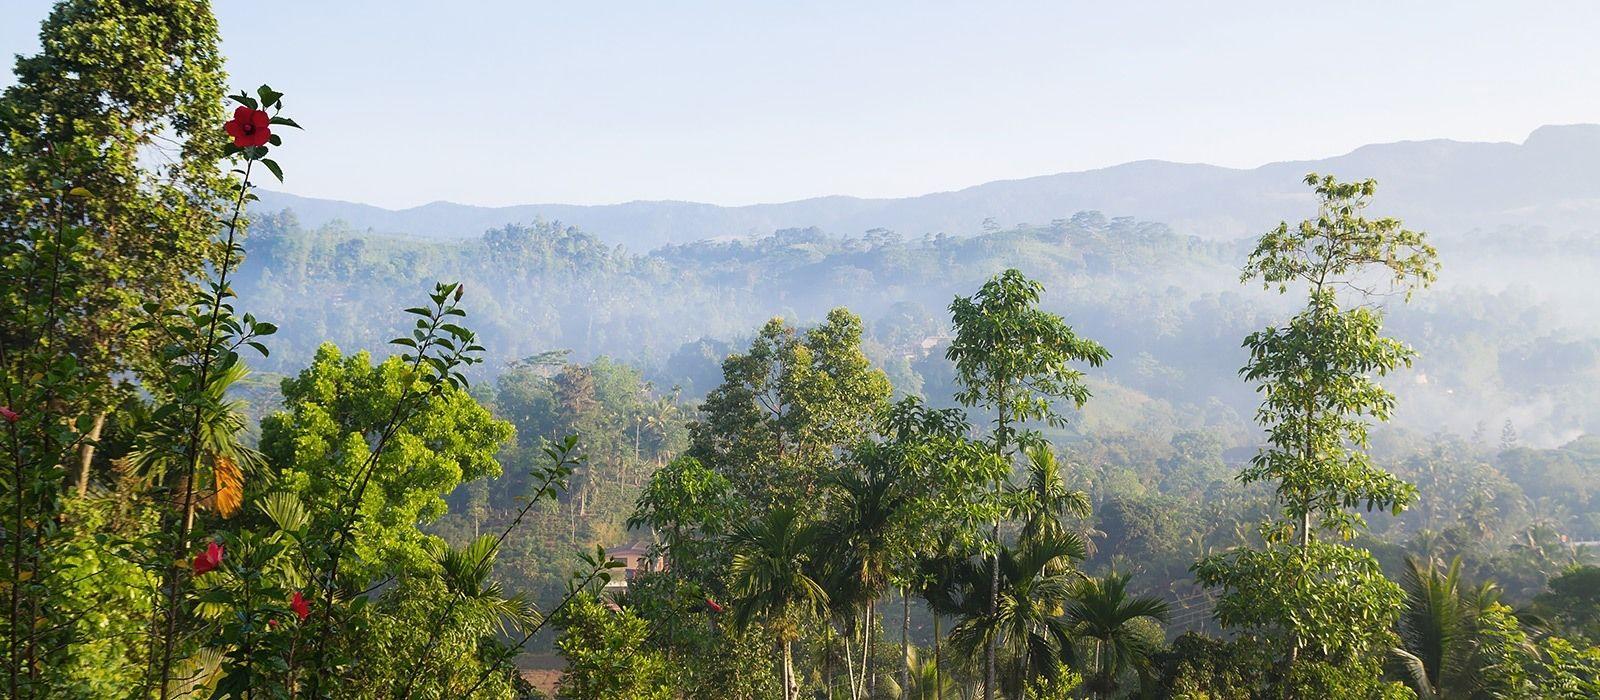 Destination Rainforest Sri Lanka